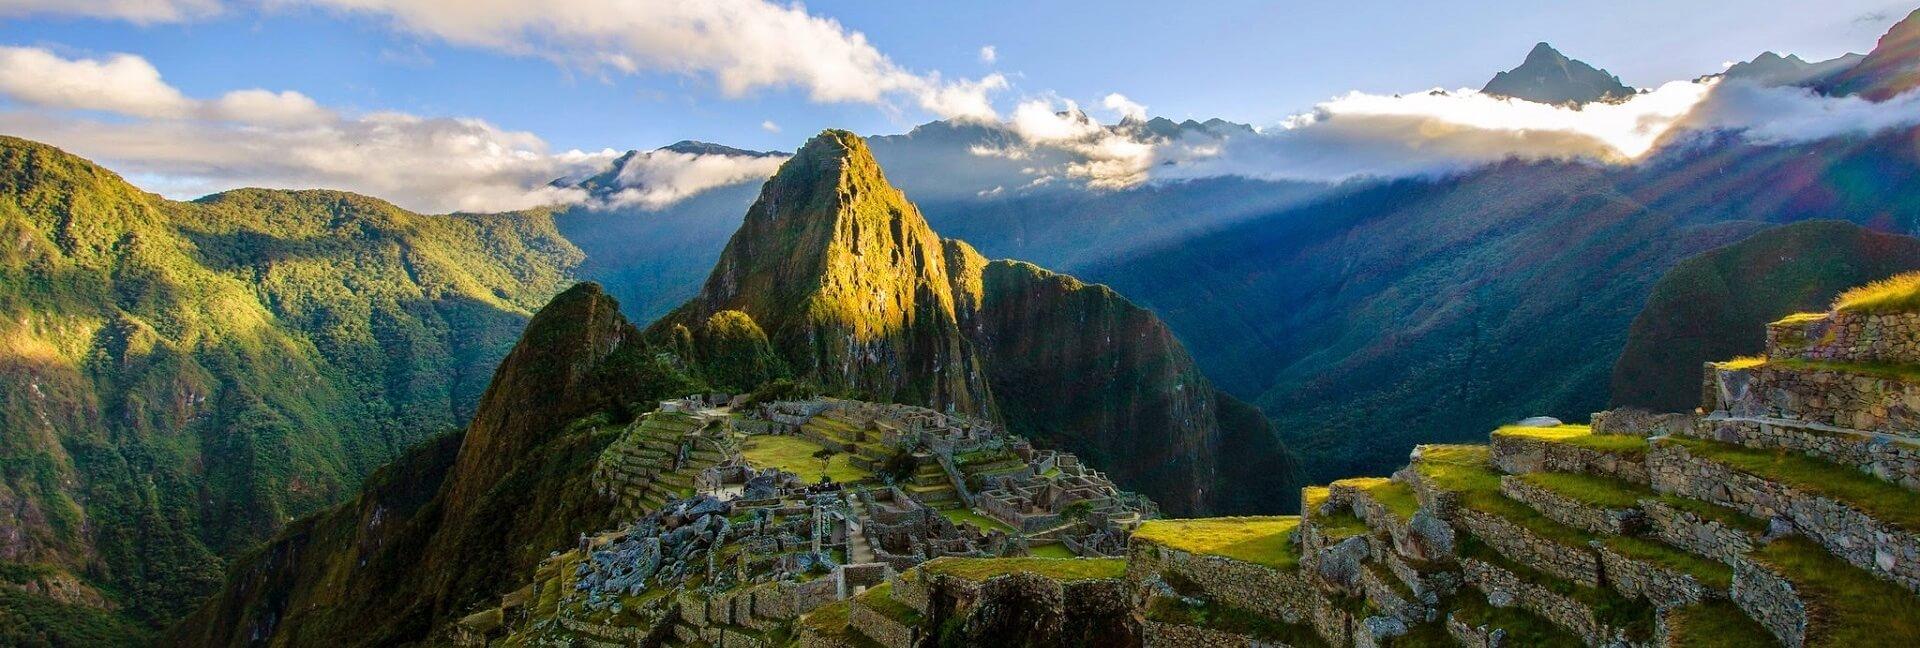 Reise durch Peru, Bolivien und Chile